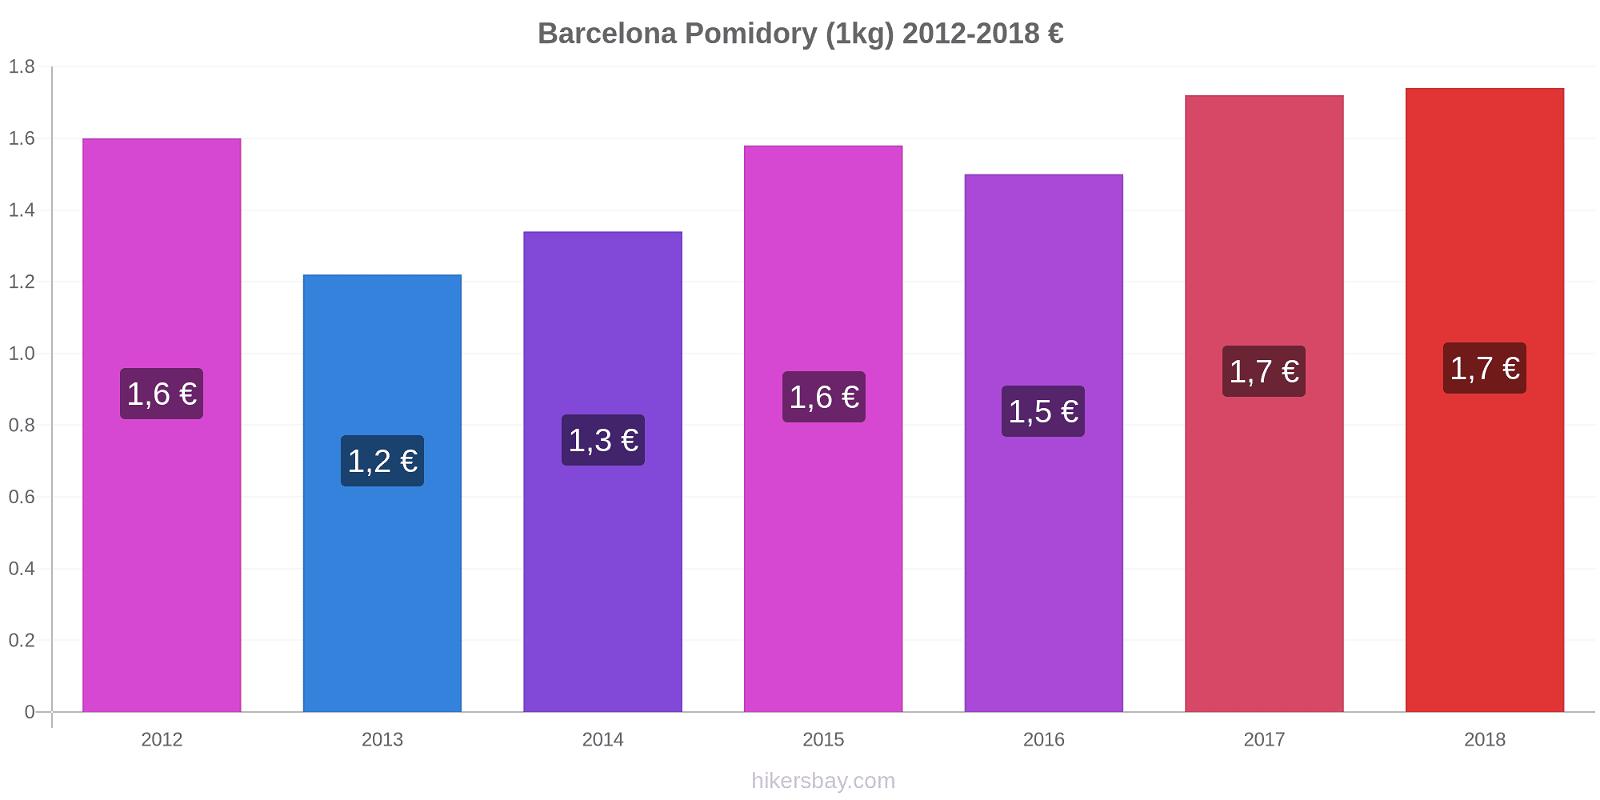 Barcelona zmiany cen Pomidory (1kg) hikersbay.com